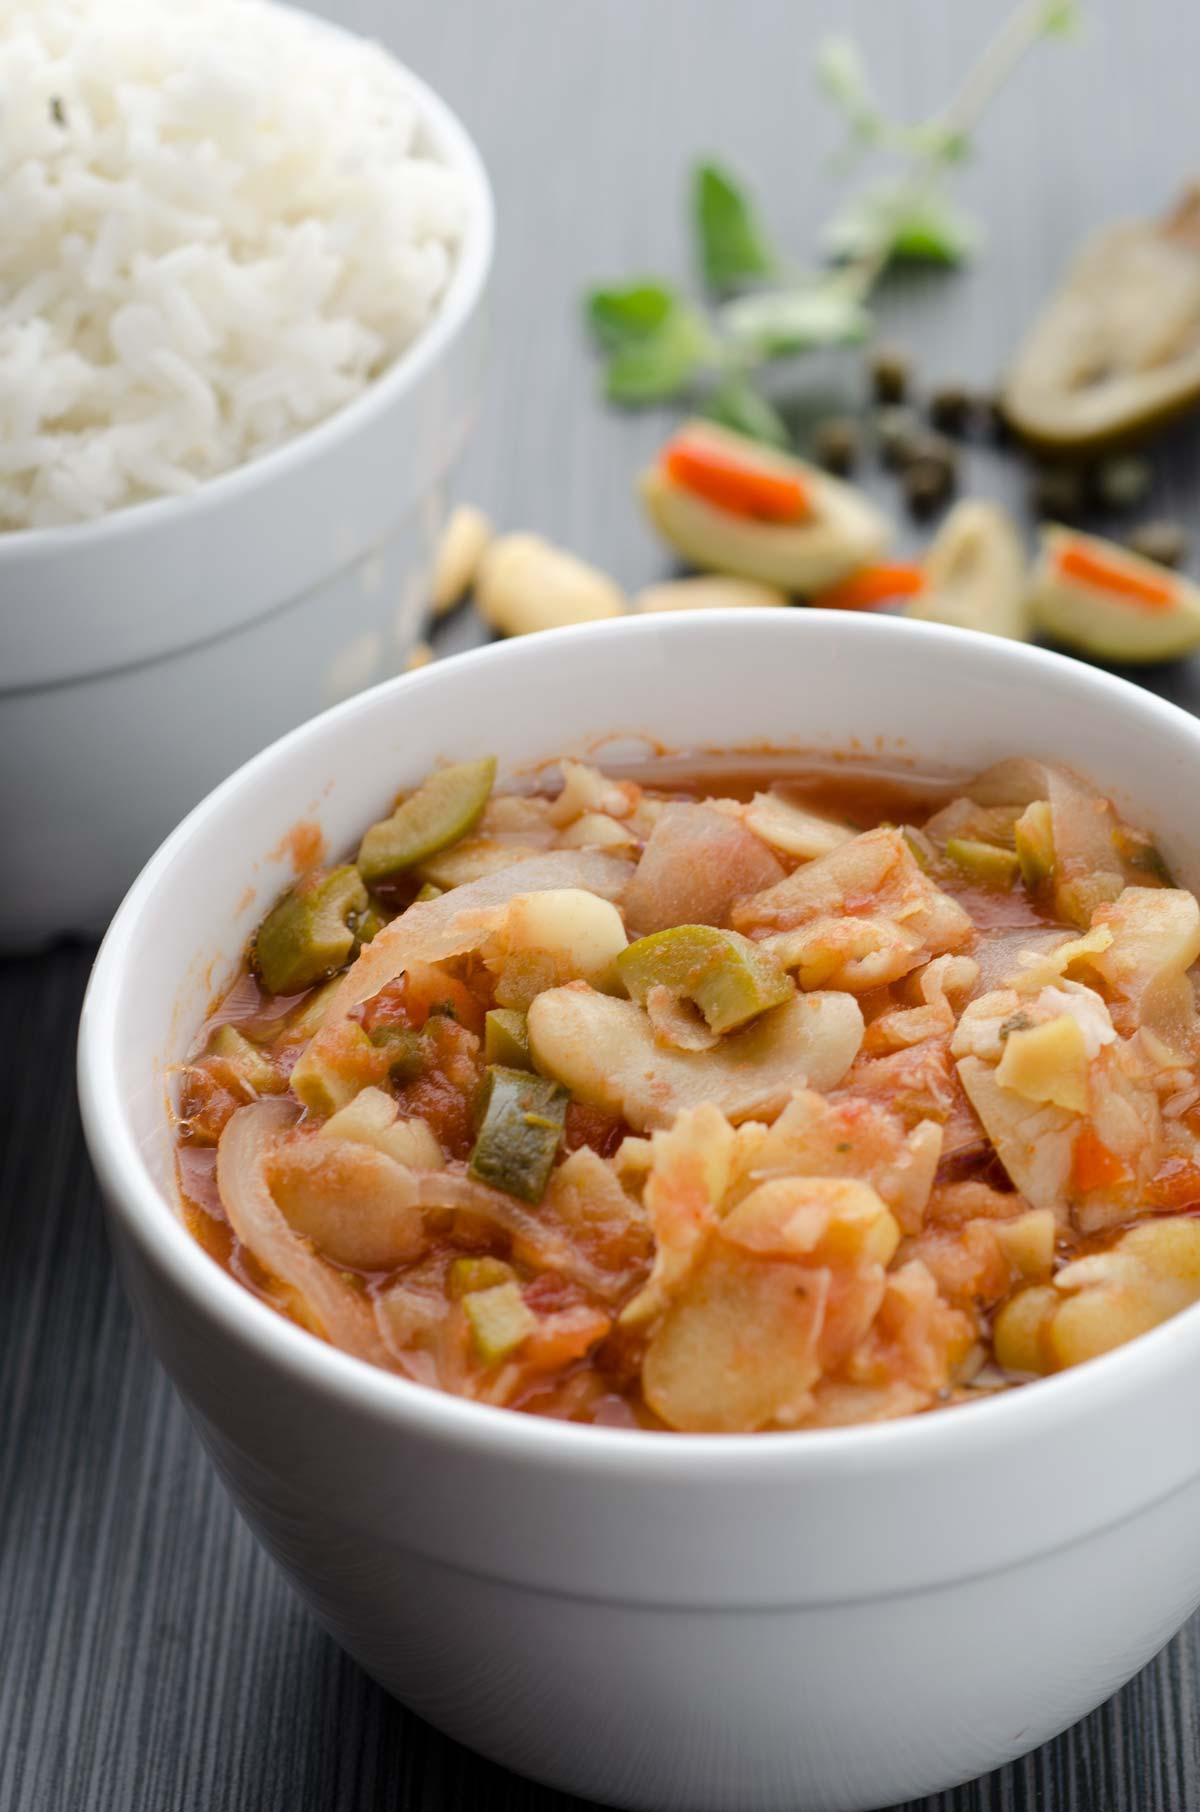 Habas a la Veracruzana. Guisa las habas en una salsa de cebolla, ajo, tomate, alcaparras, aceitunas y jalapeños en escabeche.